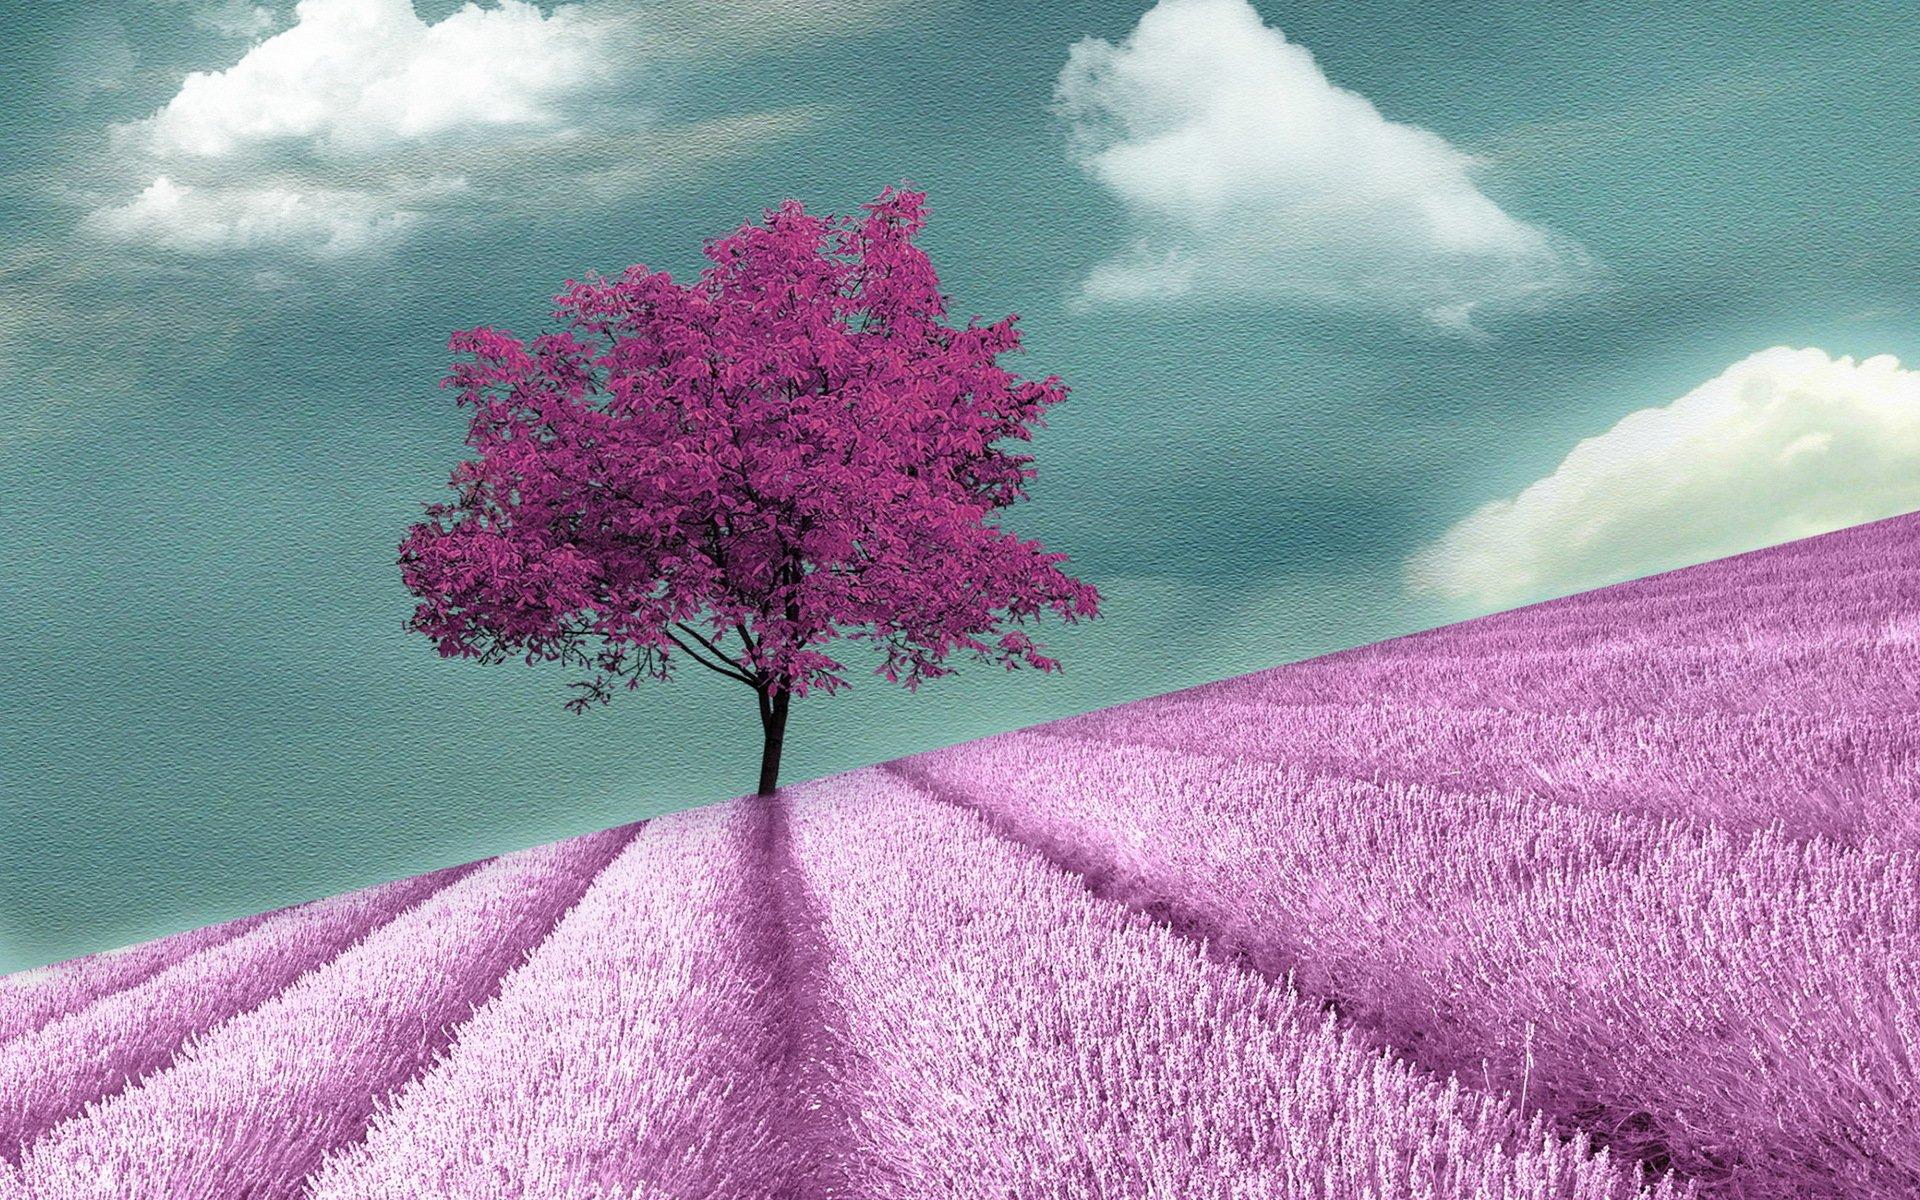 Картинка с цветом дерева